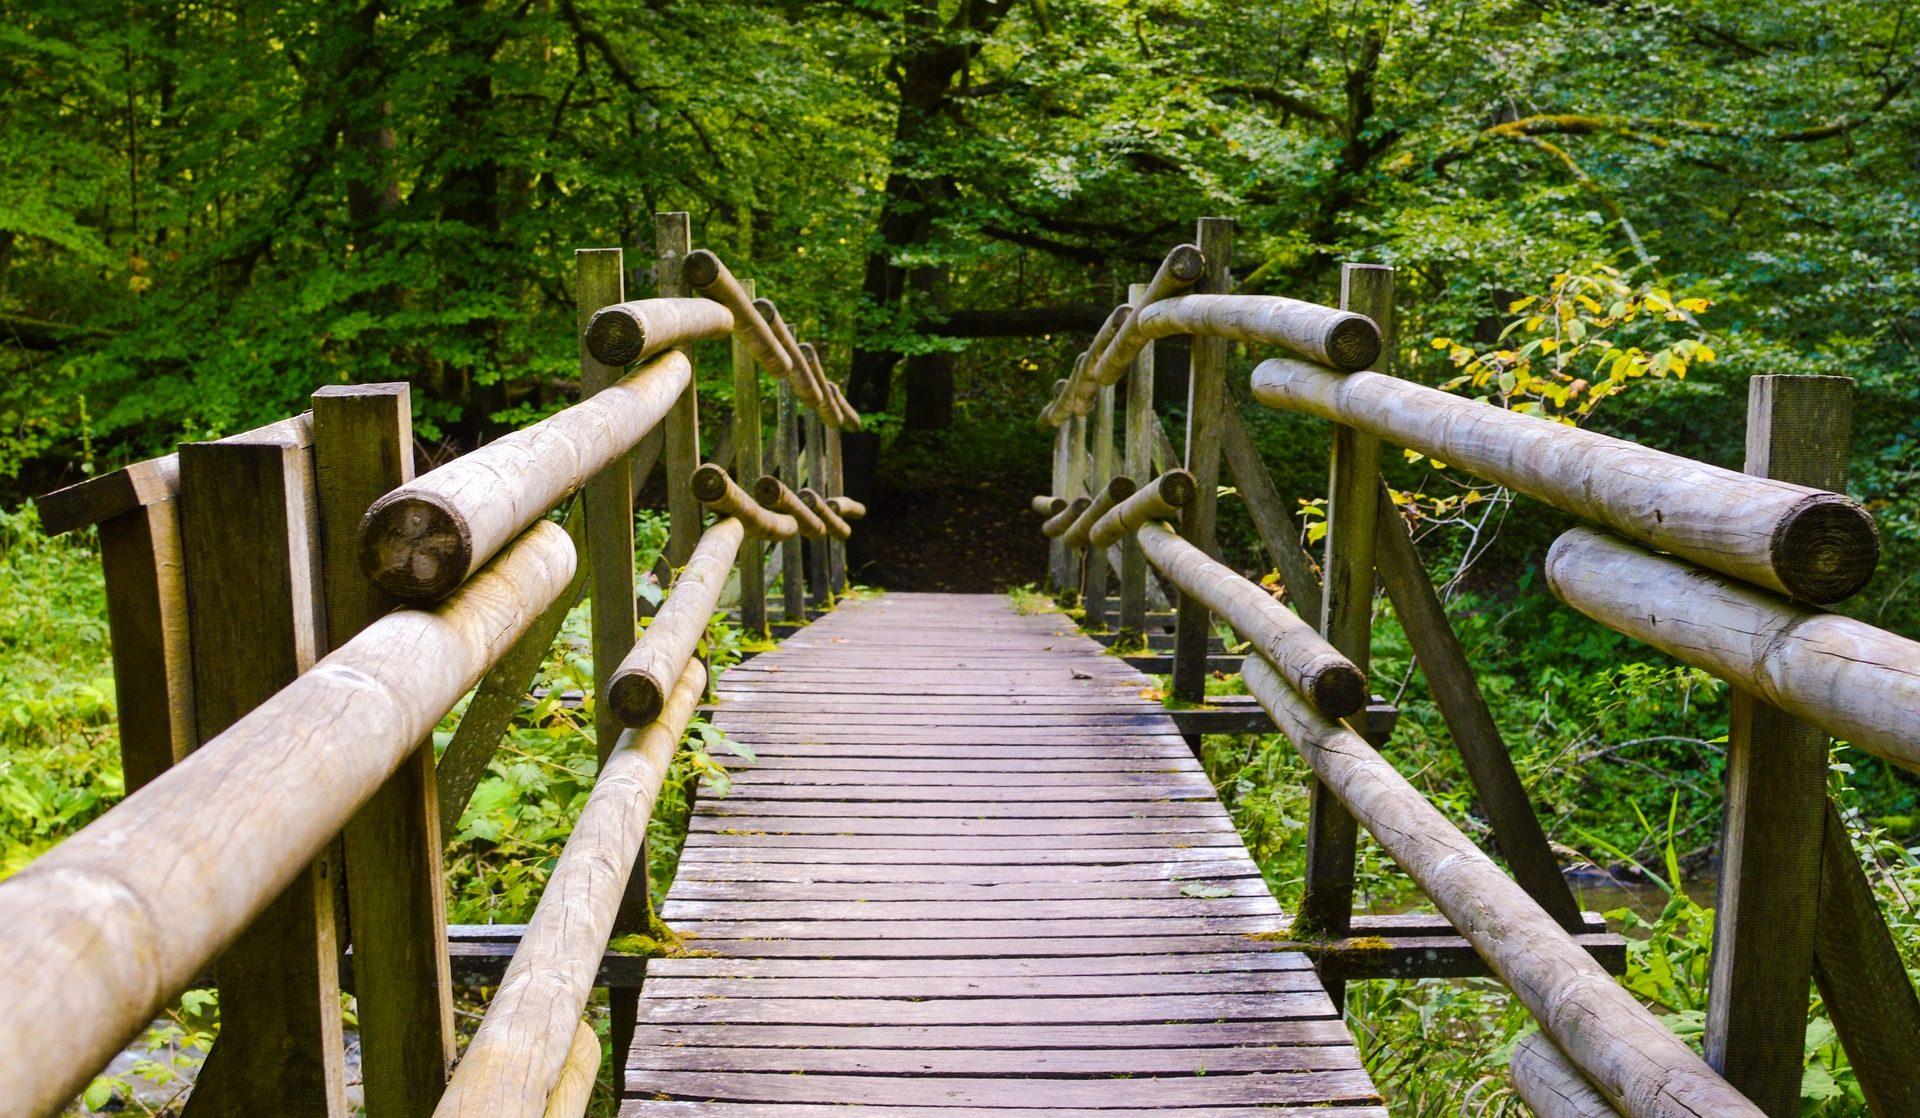 جسر, الخشب, ألواح خشبية, الغابات, الأشجار, الغطاء النباتي - خلفيات عالية الدقة - أستاذ falken.com